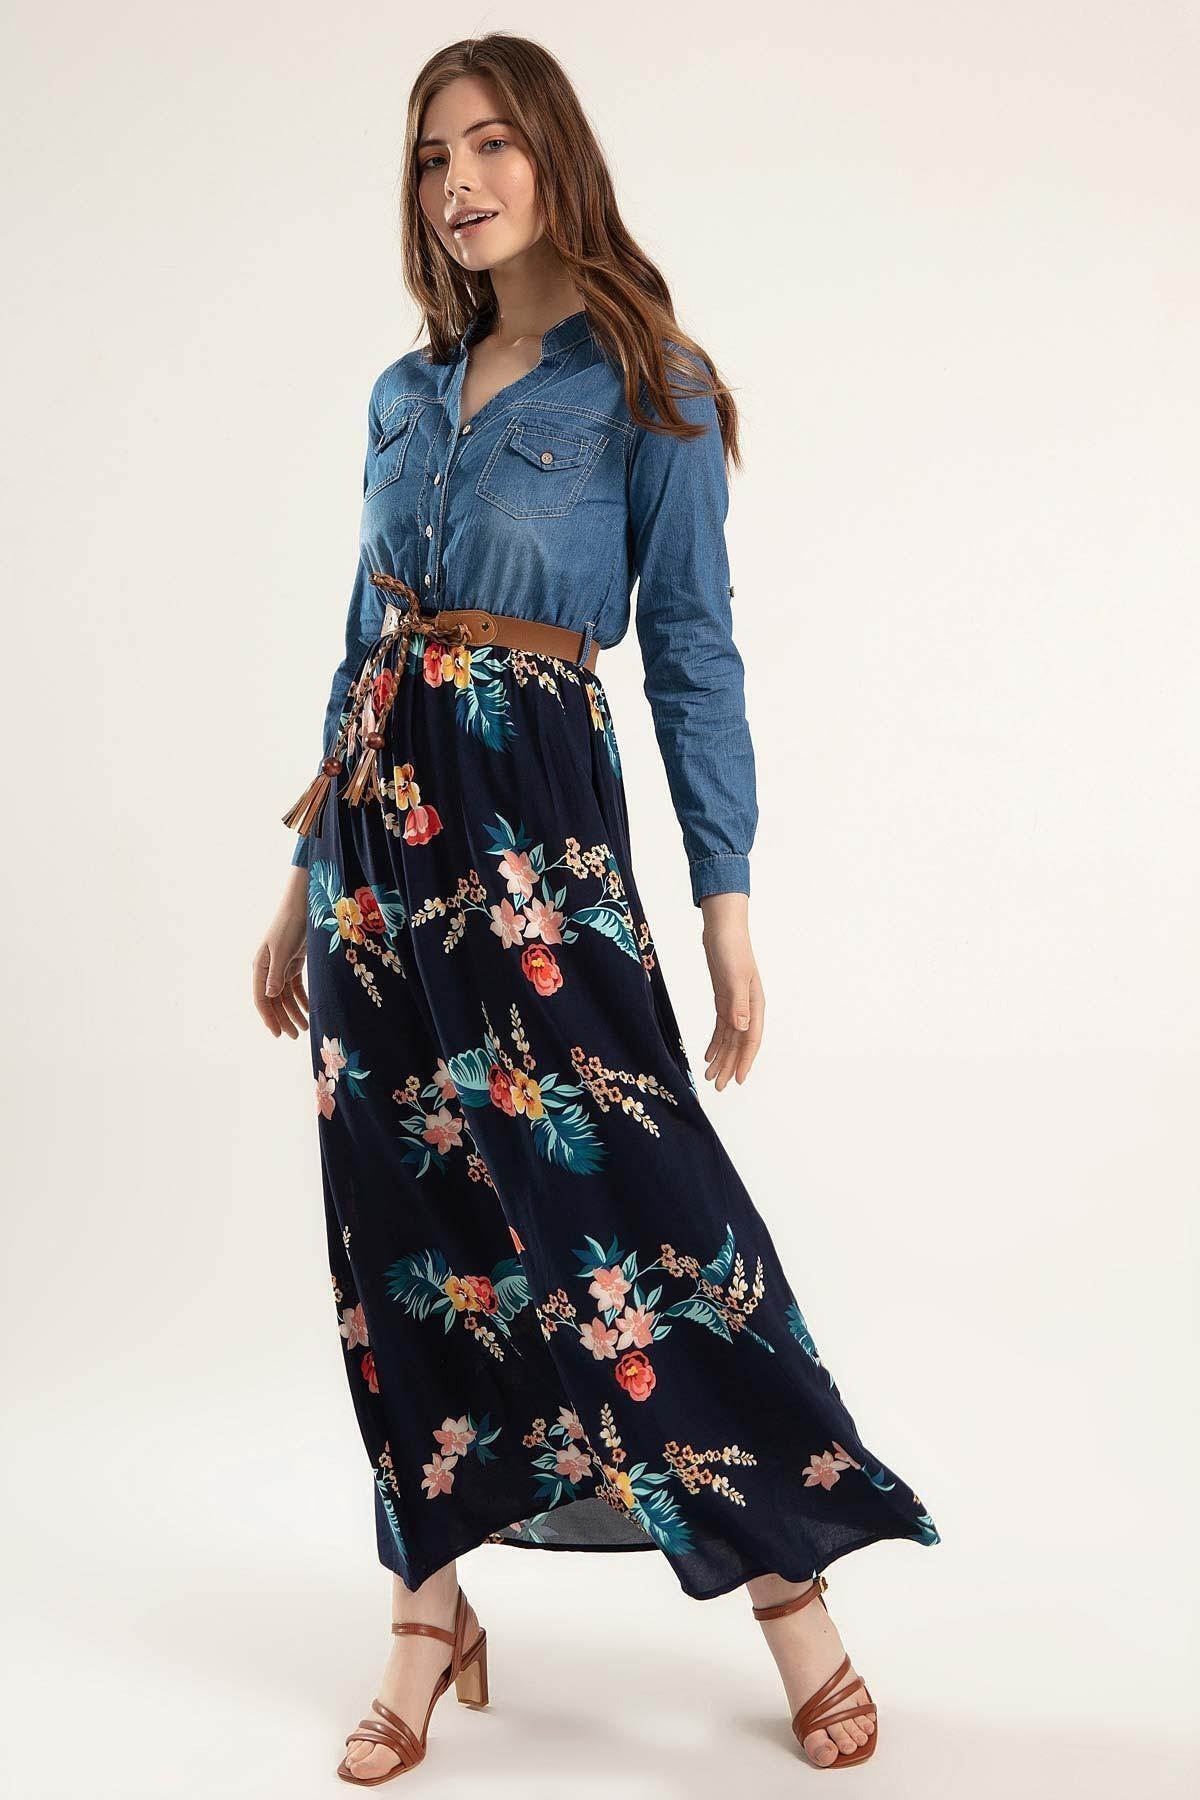 Pattaya Kadın Eteği Çiçekli Uzun Kot Elbise Y20s110-1395 1